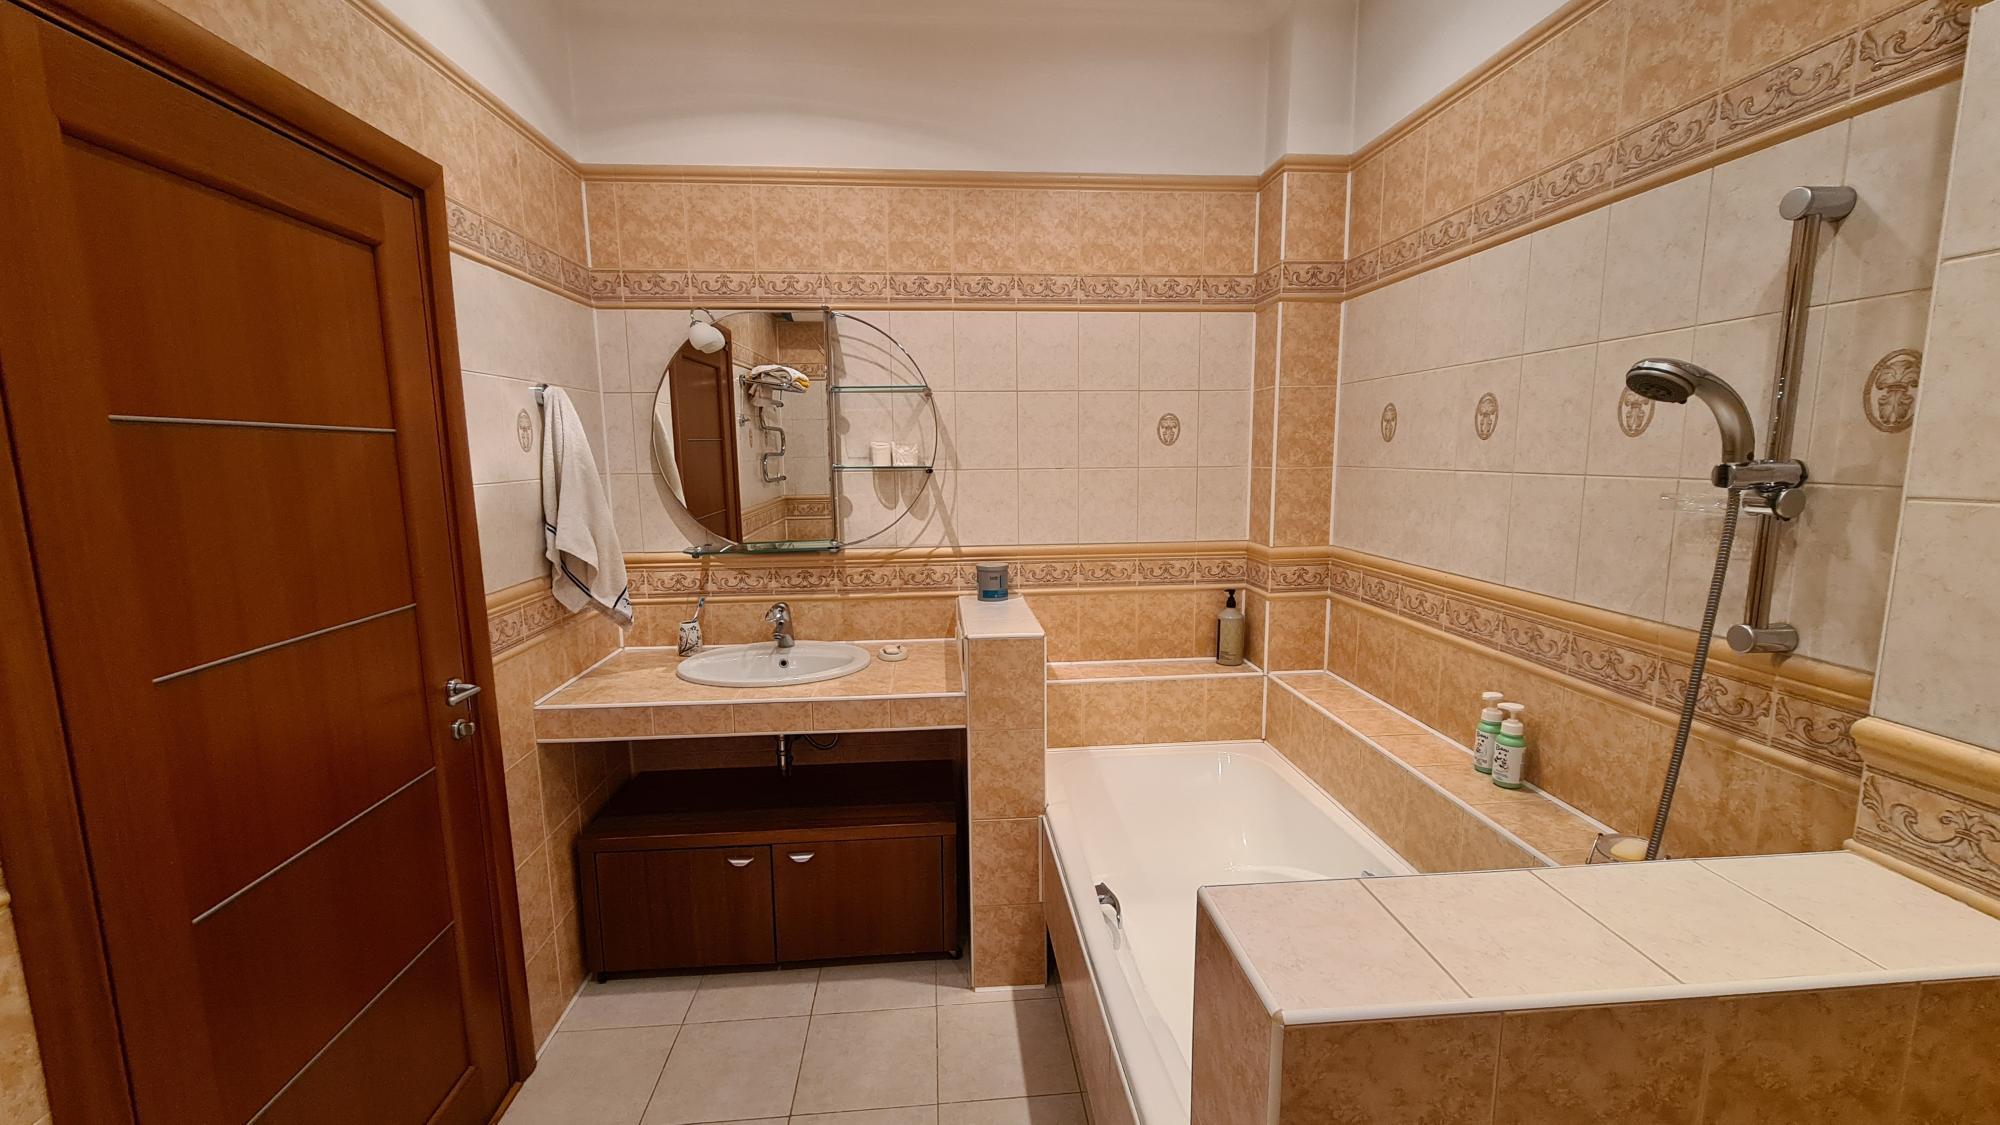 4к квартира улица Елены Стасовой, 25Г | 70000 | аренда в Красноярске фото 12